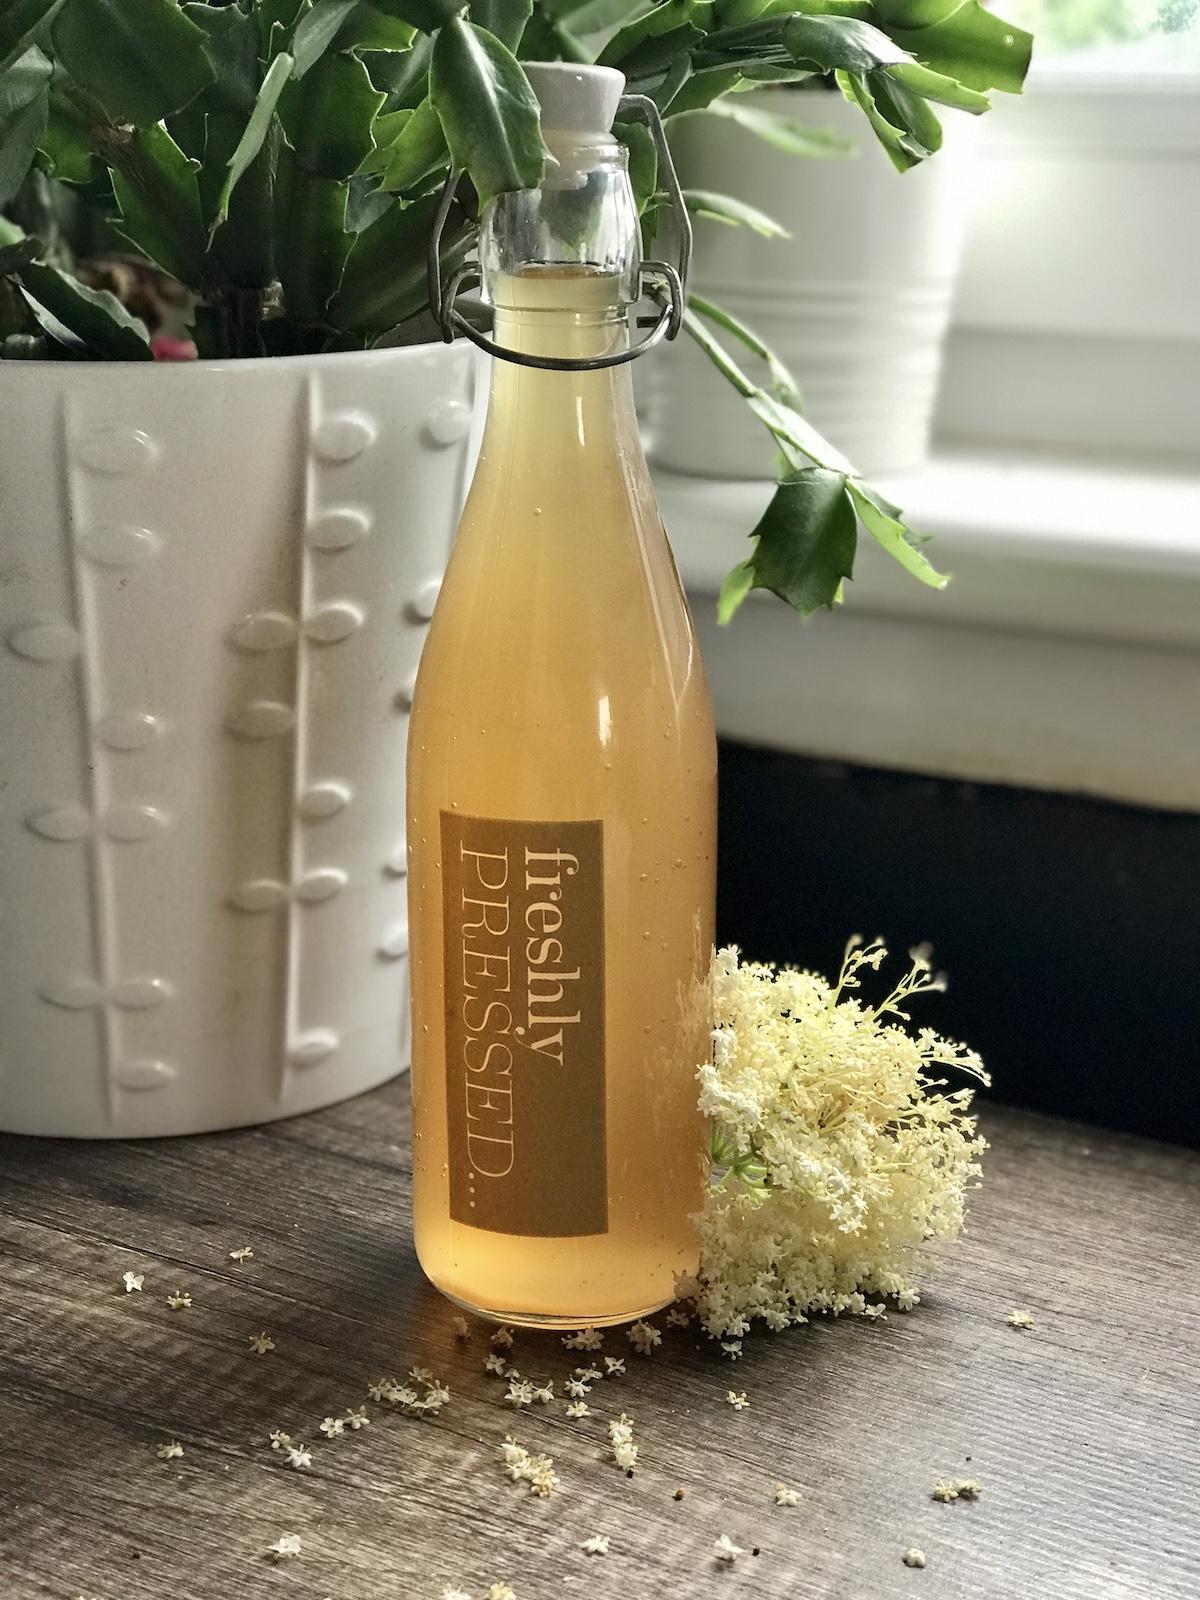 elderflower cordial bottled